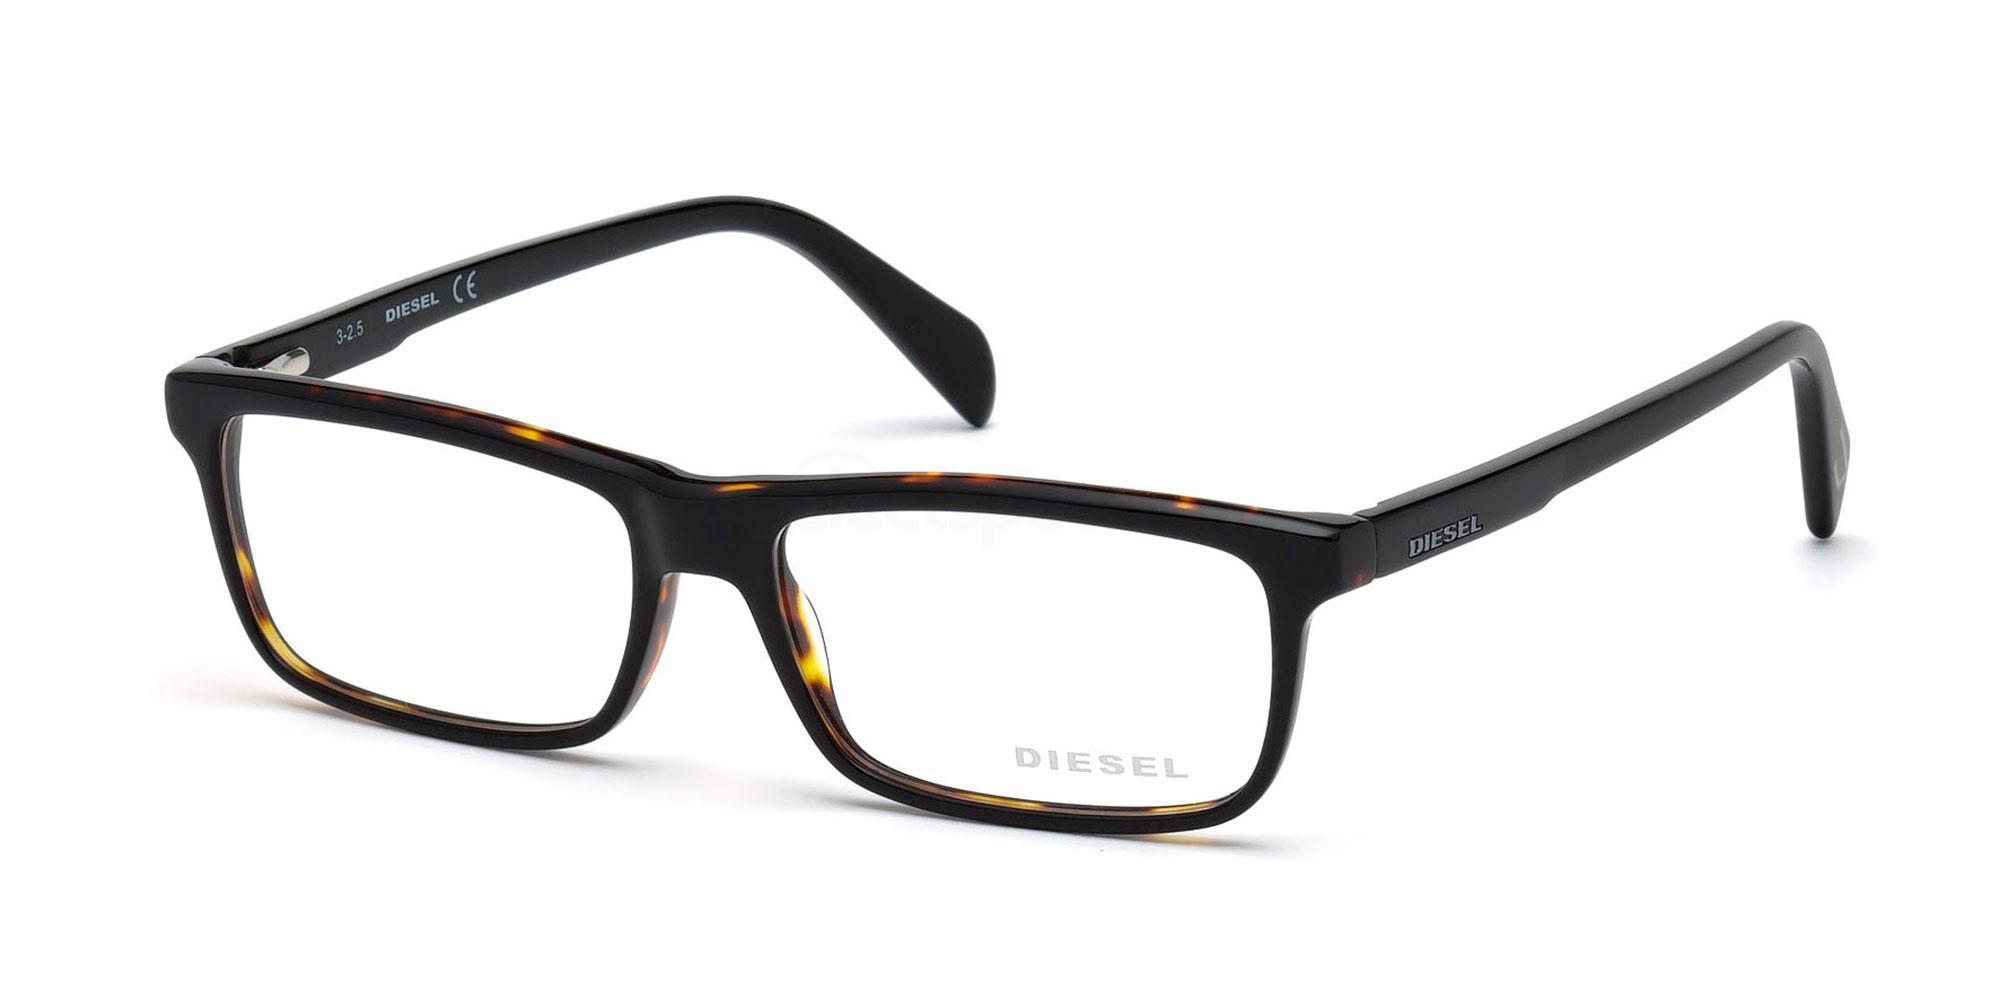 001 DL5203 Glasses, Diesel